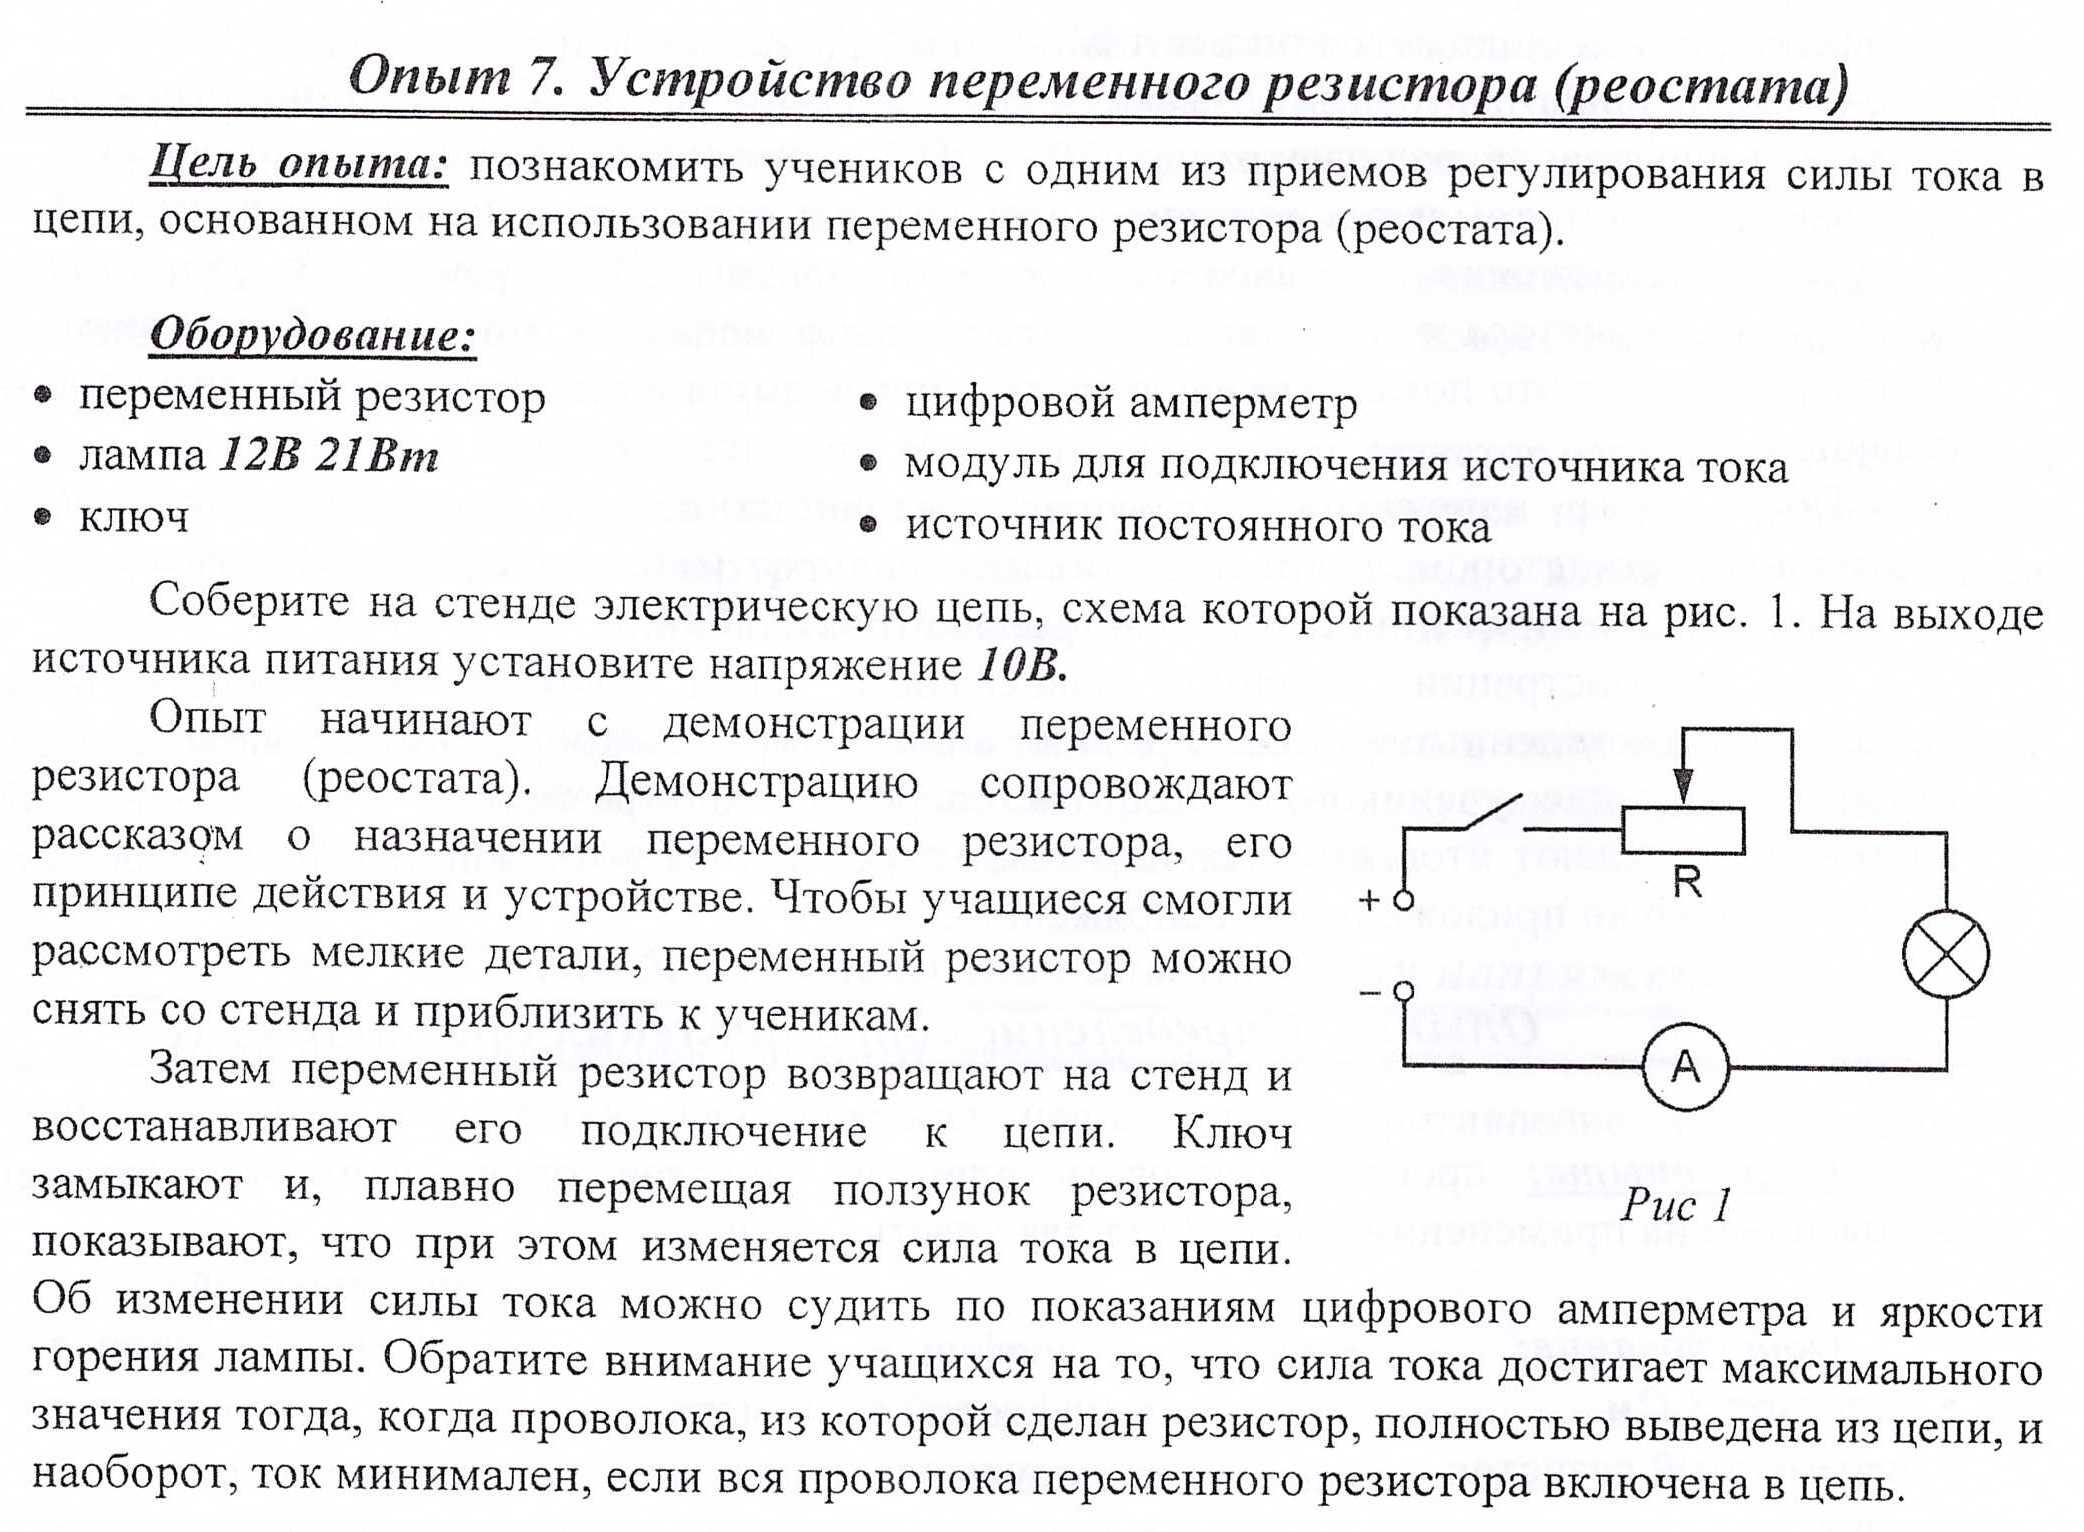 Устройство переменного резистора (реостата)